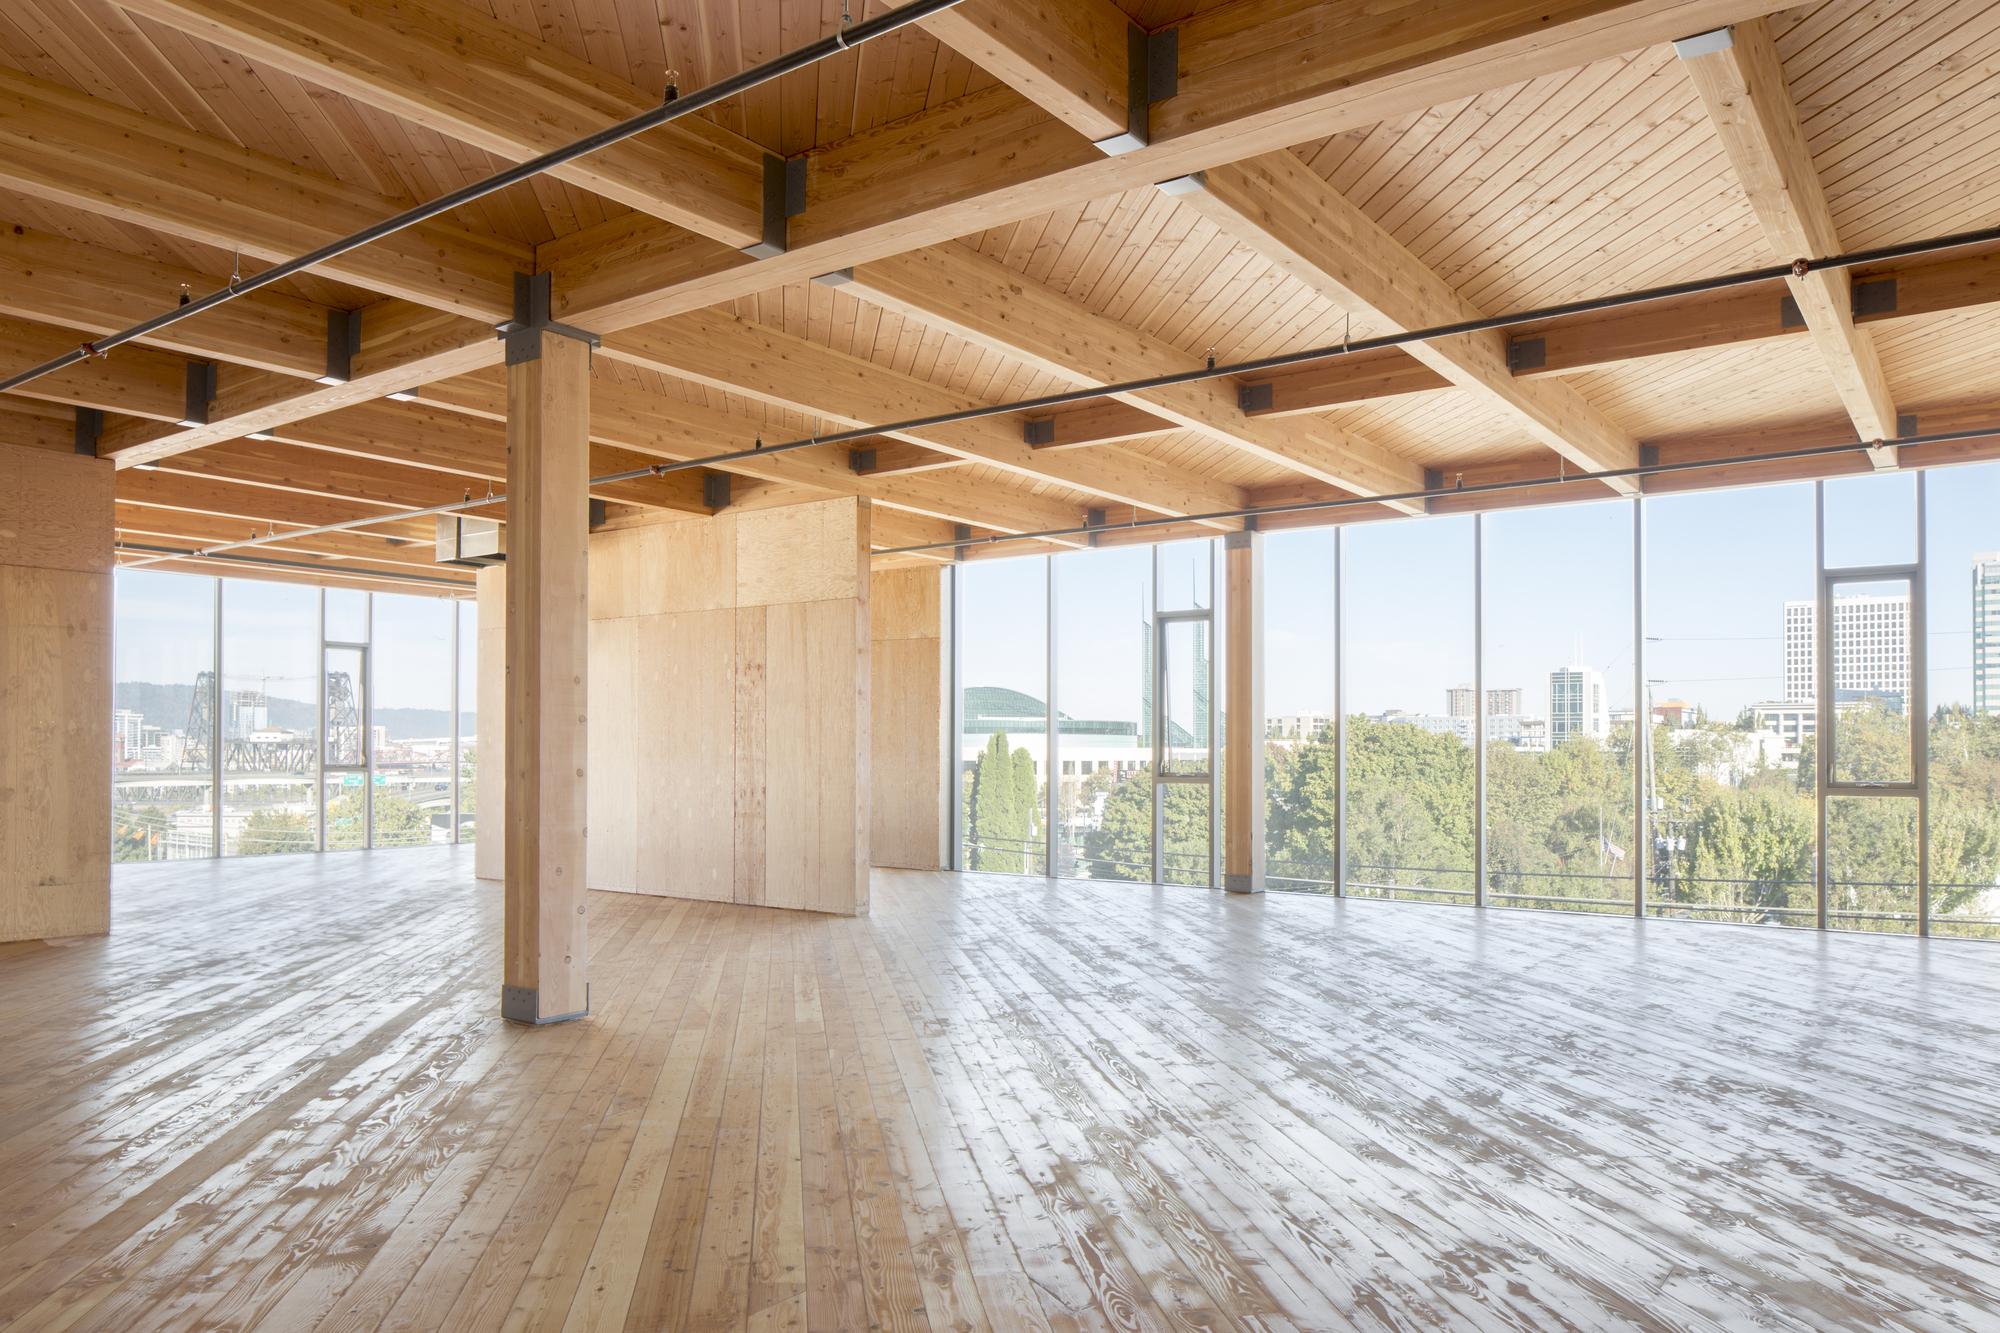 Commercial Wood Design: Framework; Portland, OR / Works Partnership  Architecture. Image